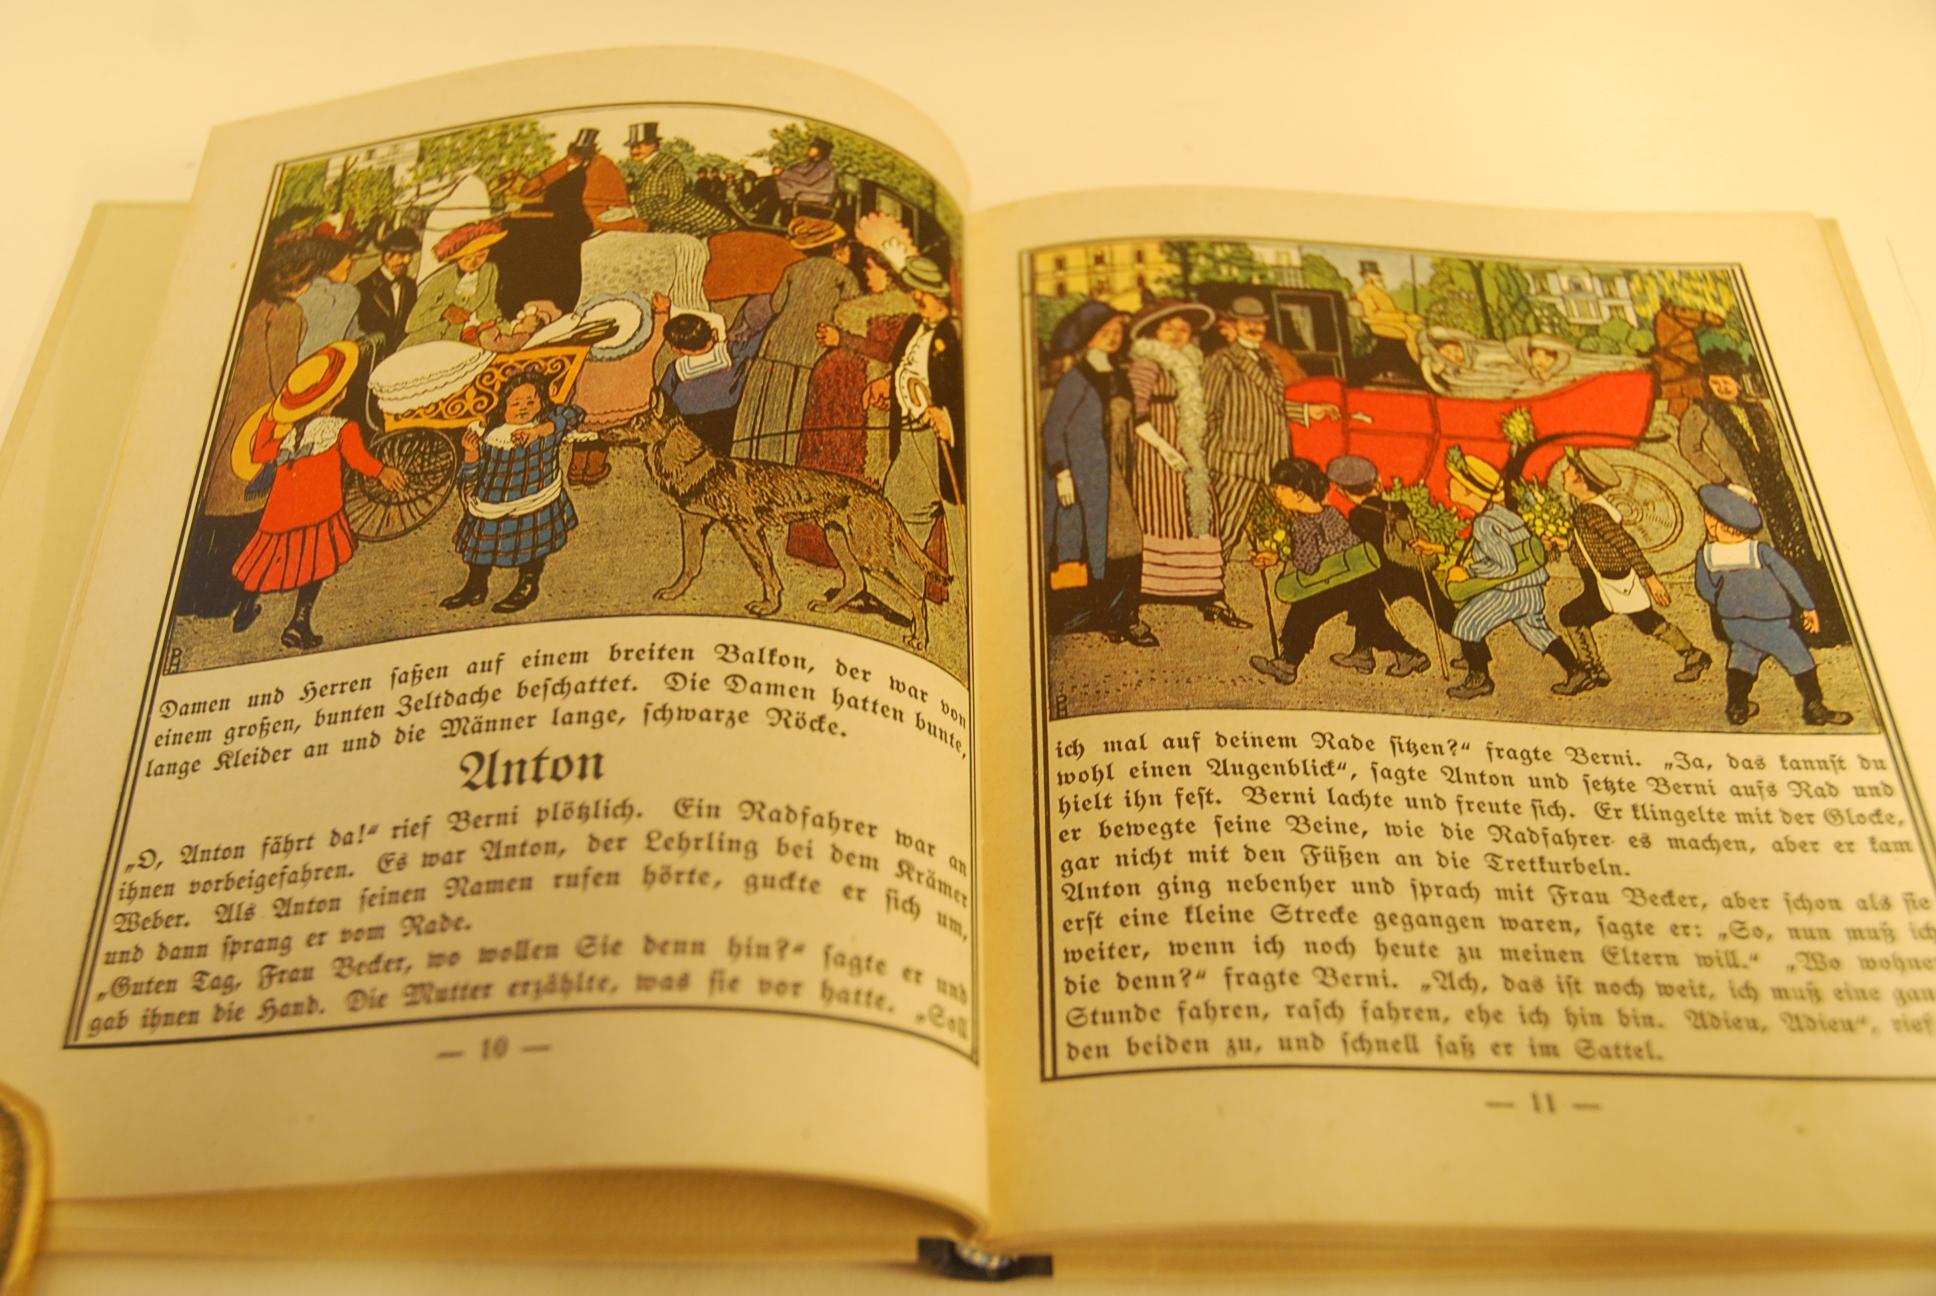 Berni : ein kleiner Junge ; was: Scharrelmann, Heinrich und